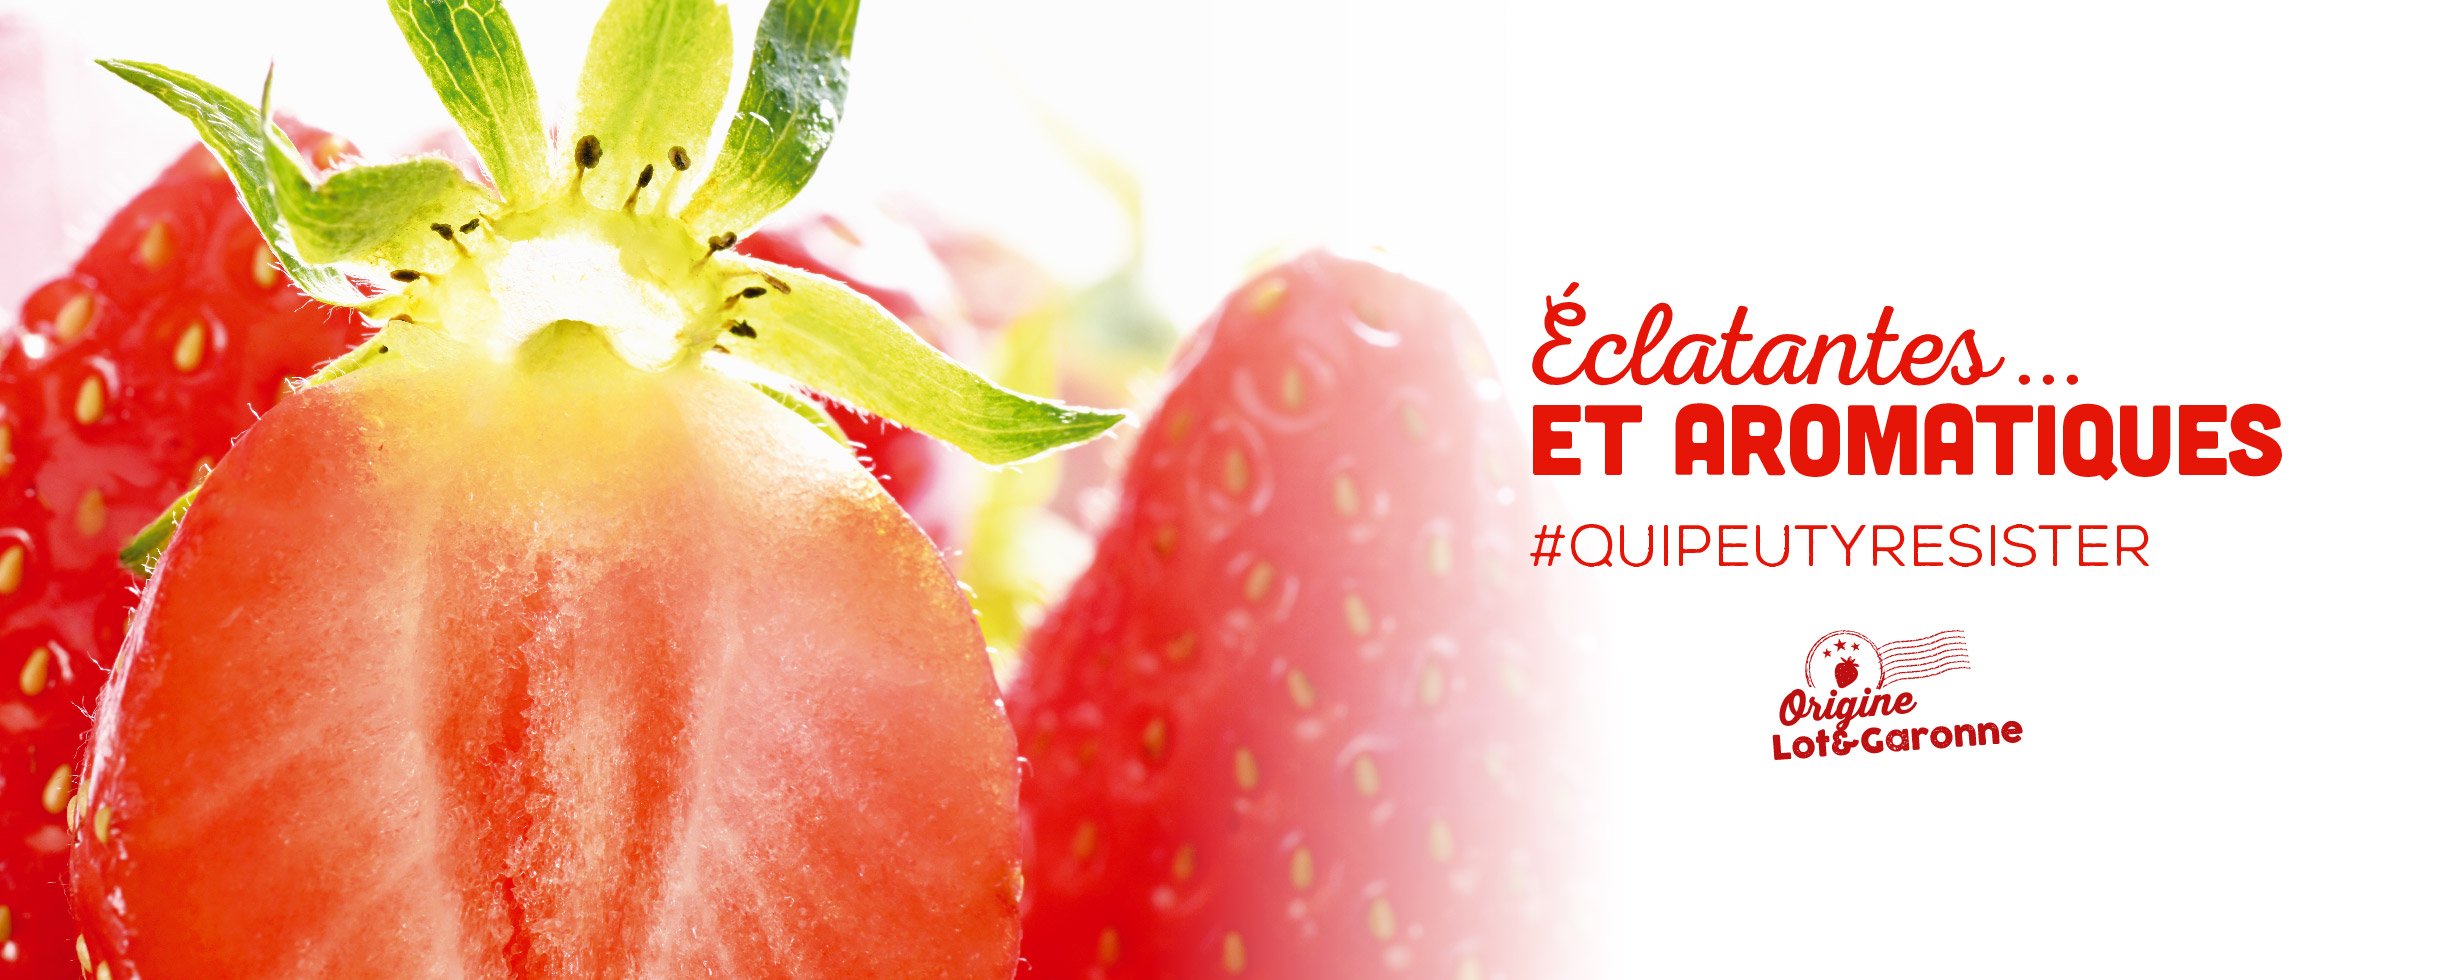 fraises label rouge, éclatantes et aromatiques